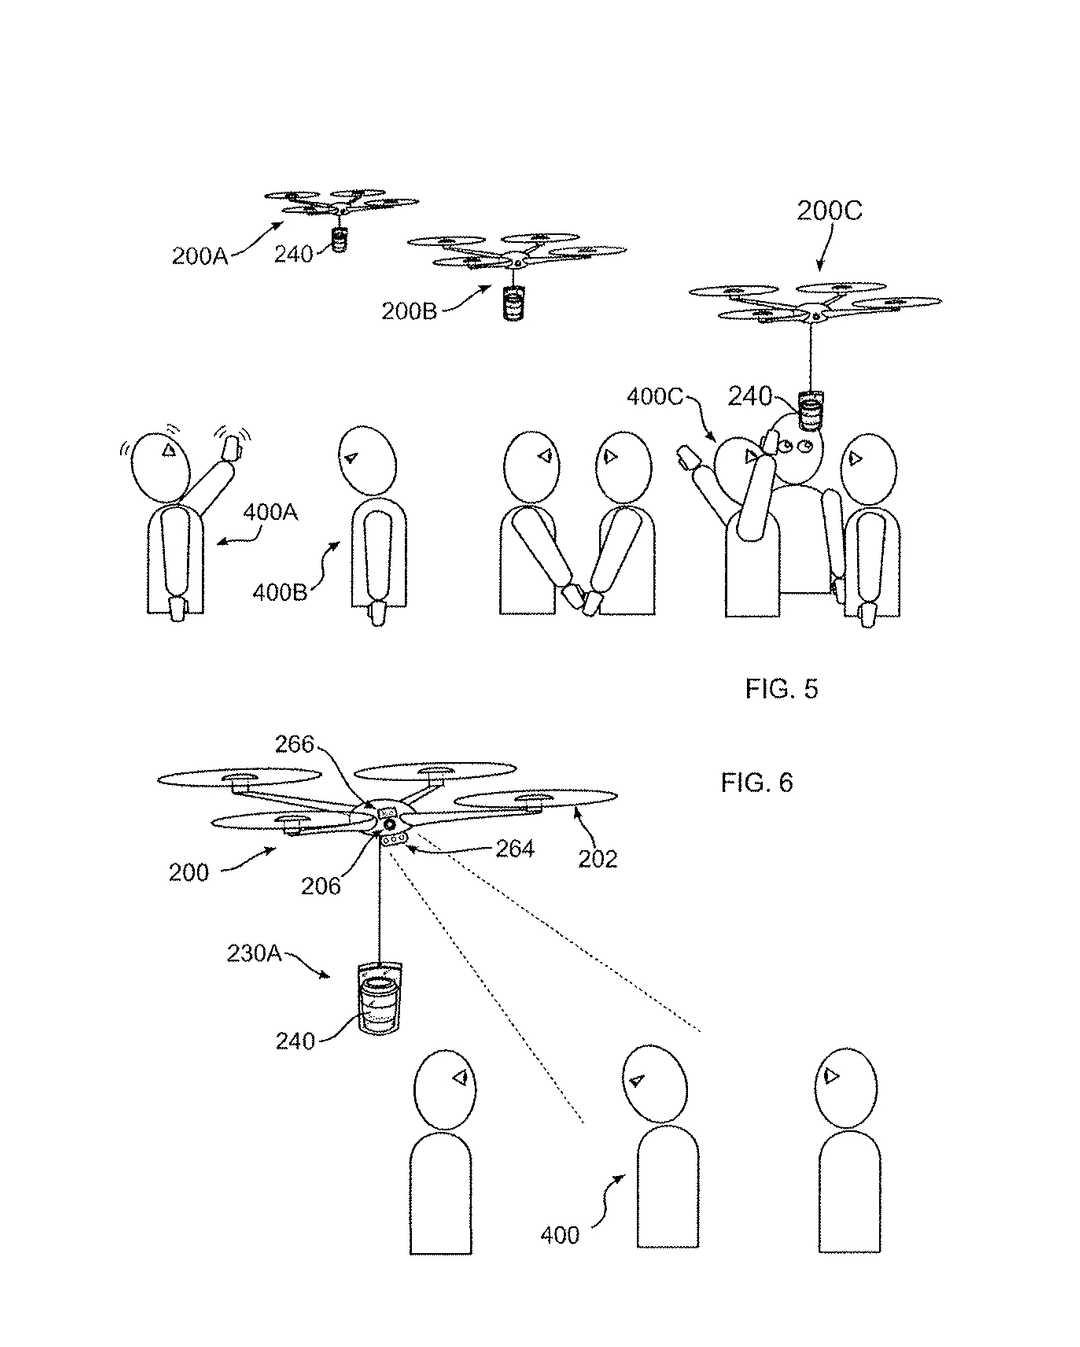 476cdc1c 8f90 4f6f a6ad 2aa75318392f 0605 001 - Le drone qui vous sert un café quand vous en avez besoin !